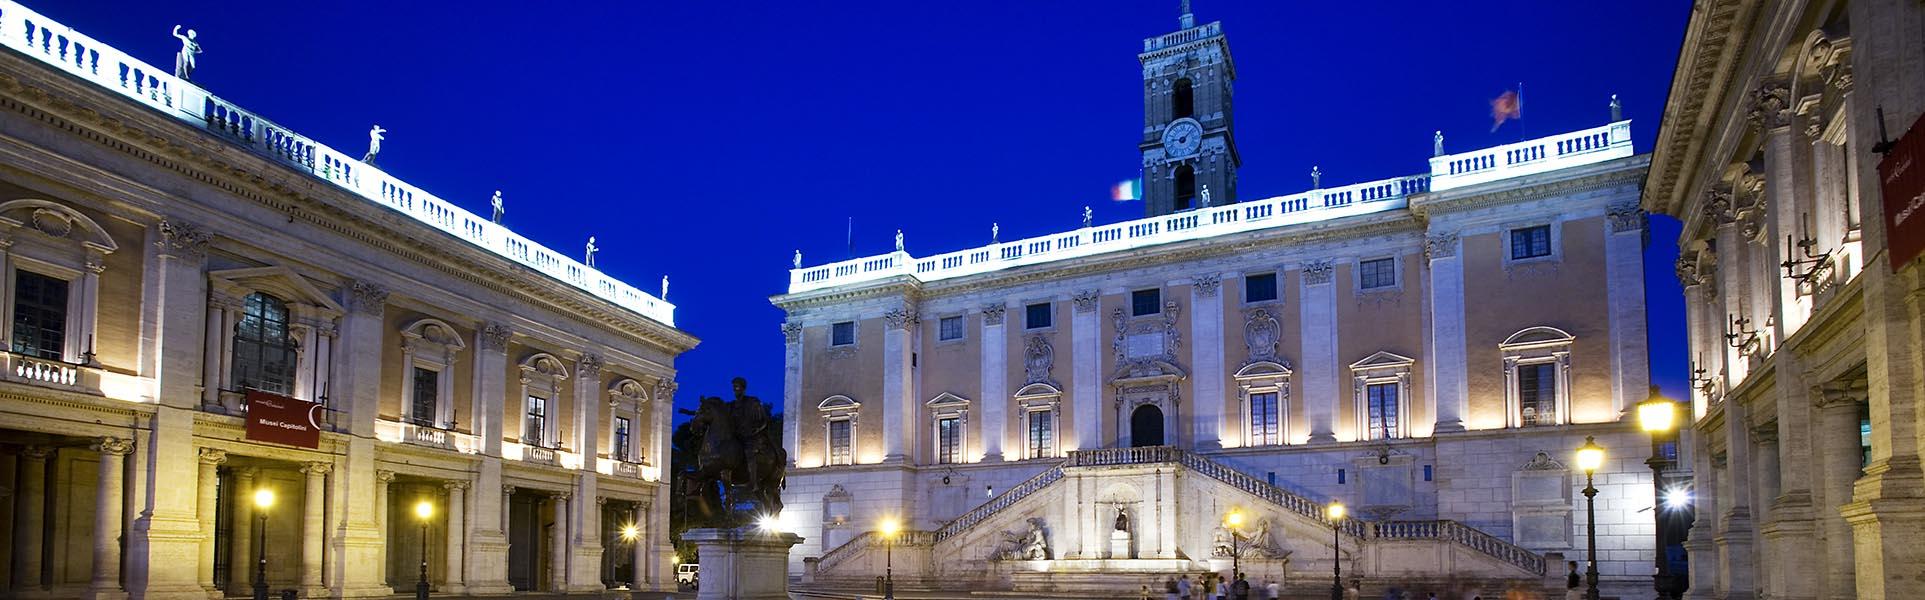 Piazza del Campidoglio or Campidoglio square. Rome, Italy